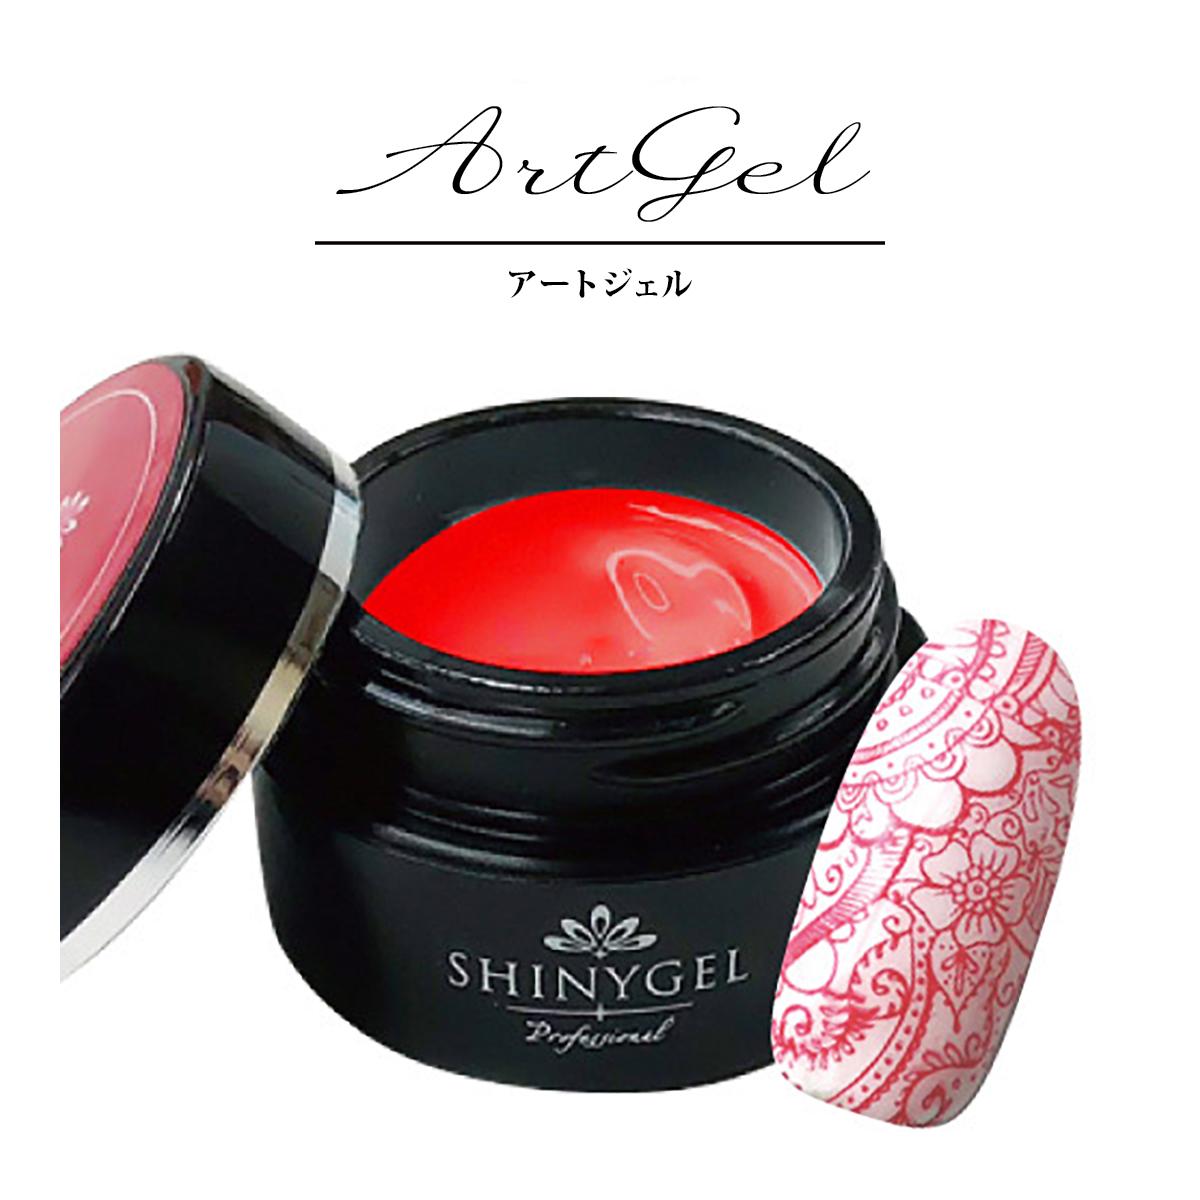 SHINYGEL Professional:アートジェル レッド(アート用カラージェル) 4g (シャイニージェルプロフェッショナル)[UV/LED対応○](JNA検定対応) $